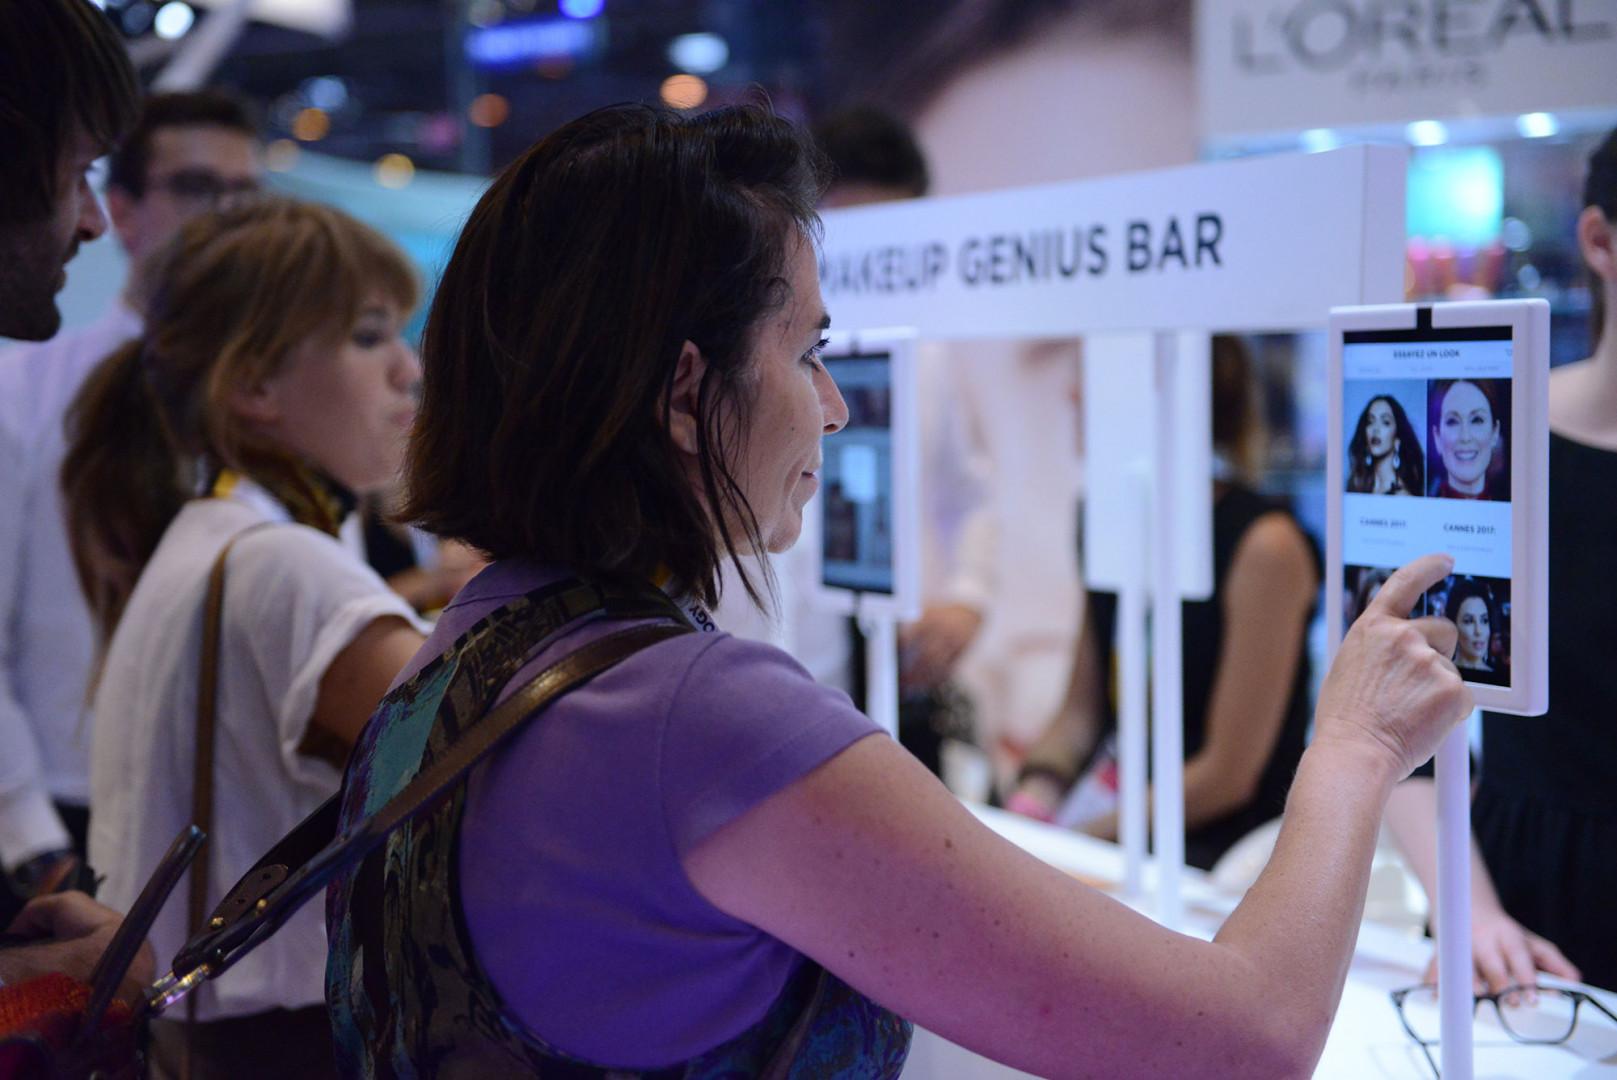 L'application Make Up Genius utilise la réalité augmentée pour simuler du maquillage en temps réel